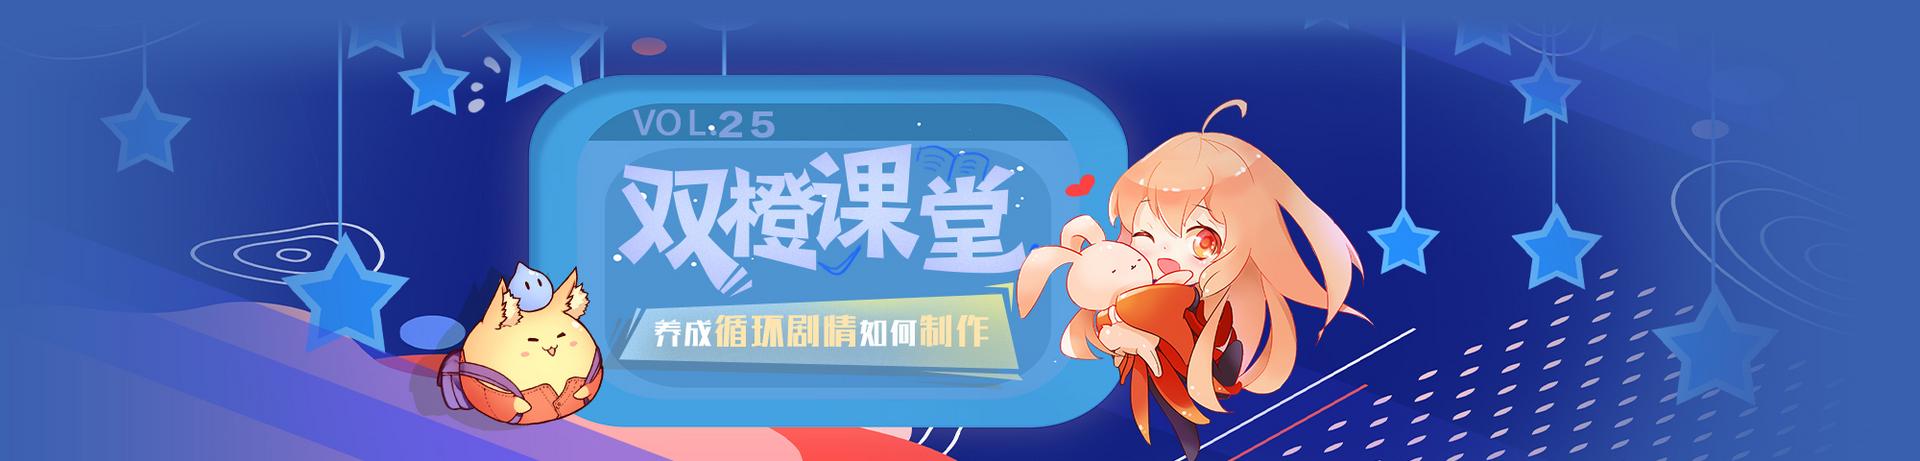 [周刊]双橙课堂·25期